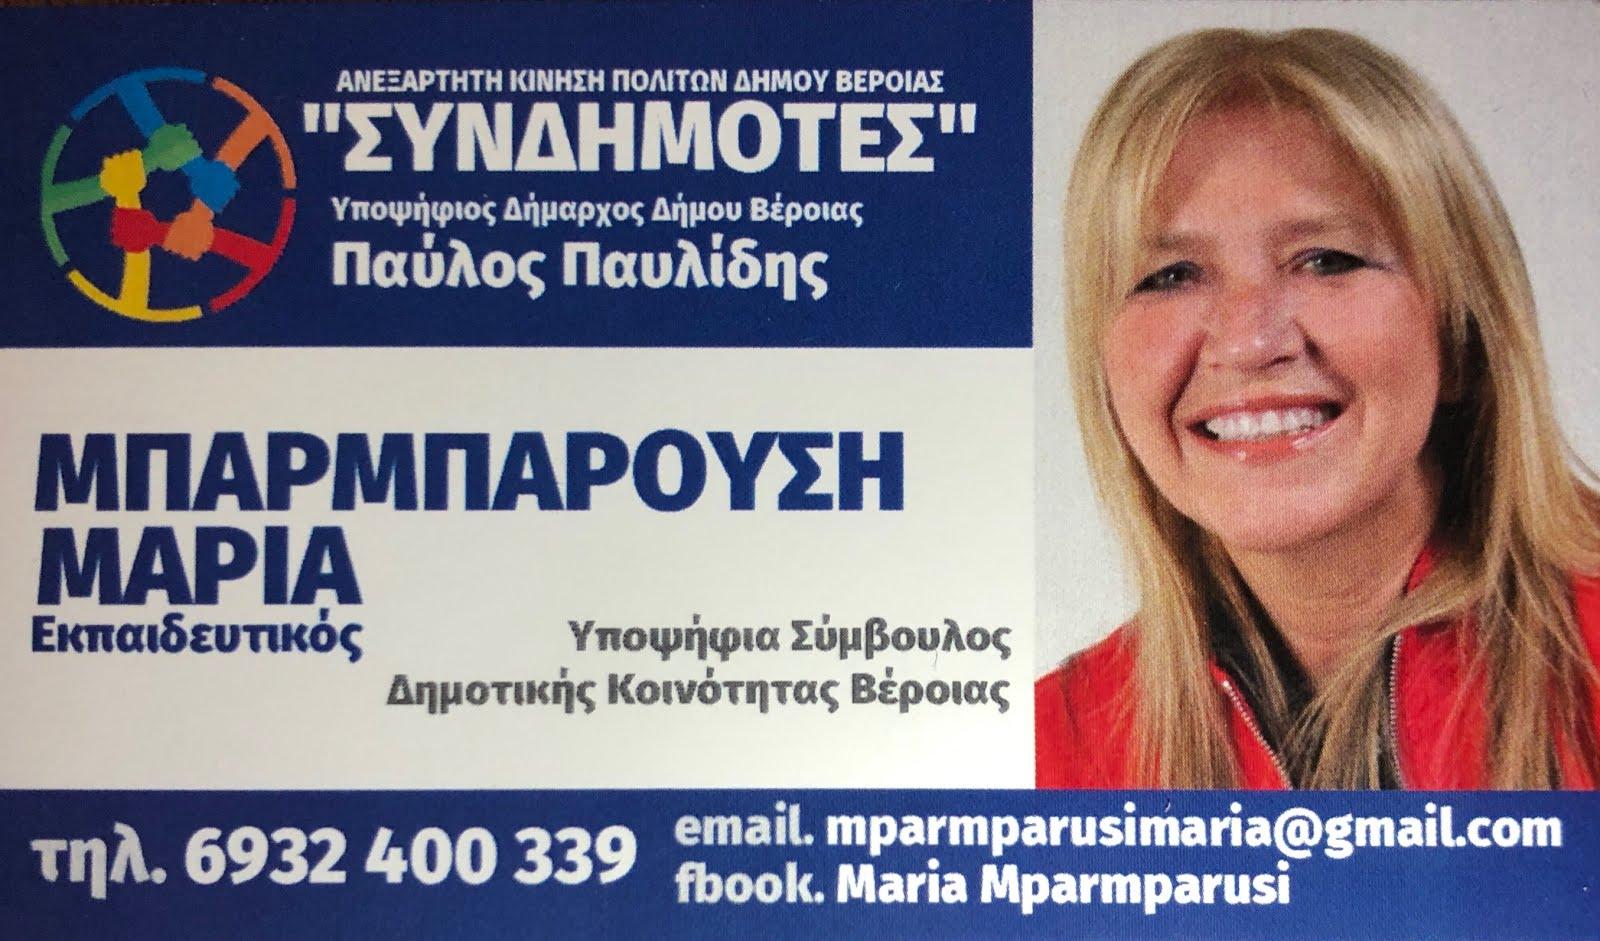 Μαρία Μπαρμπαρούση